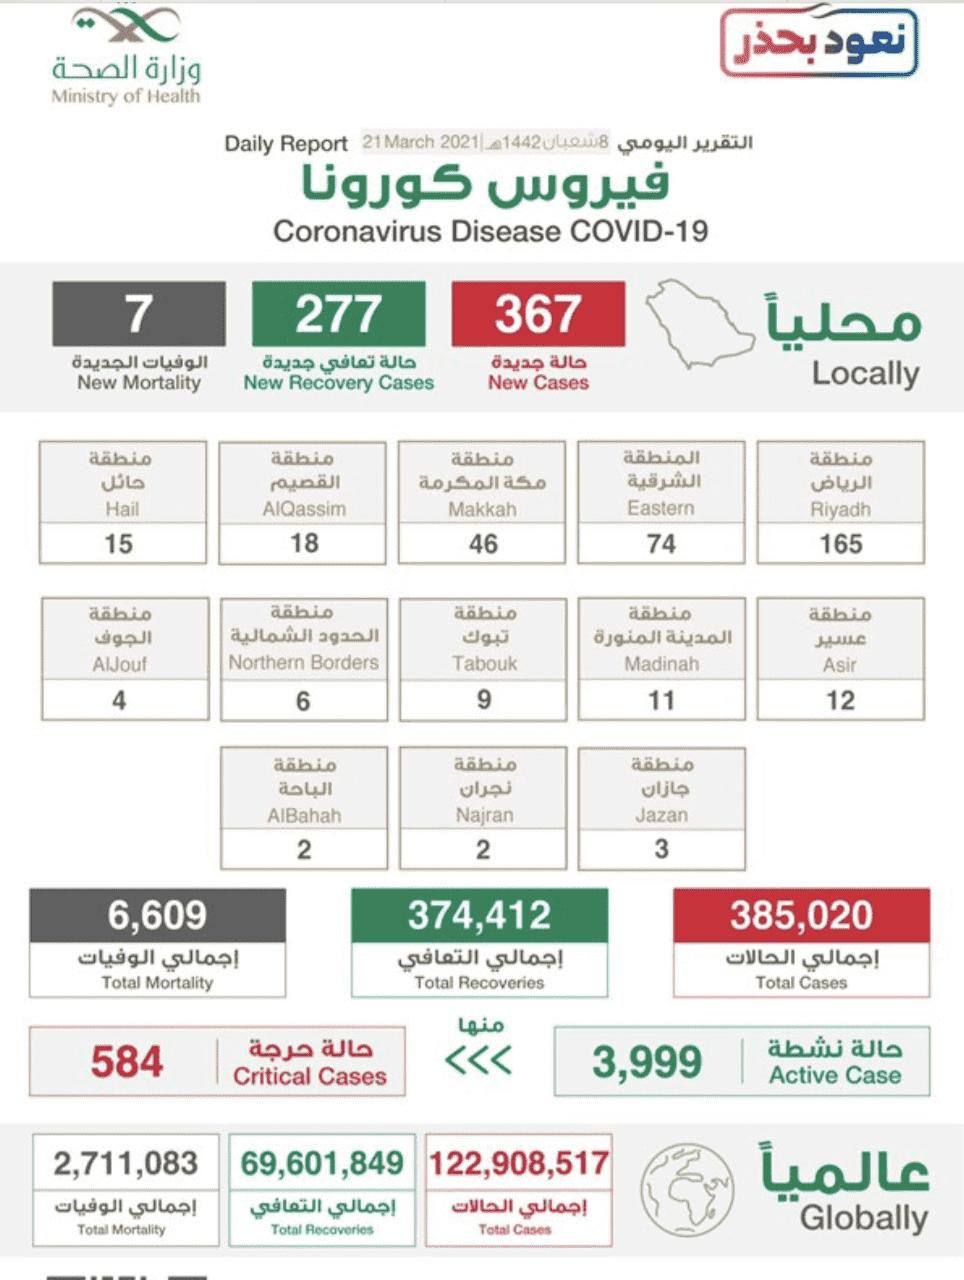 البيان الصادر عن وزراة الصحة السعودية بخصوص حالات فيروس كورونا (عدوى كوفيد-19